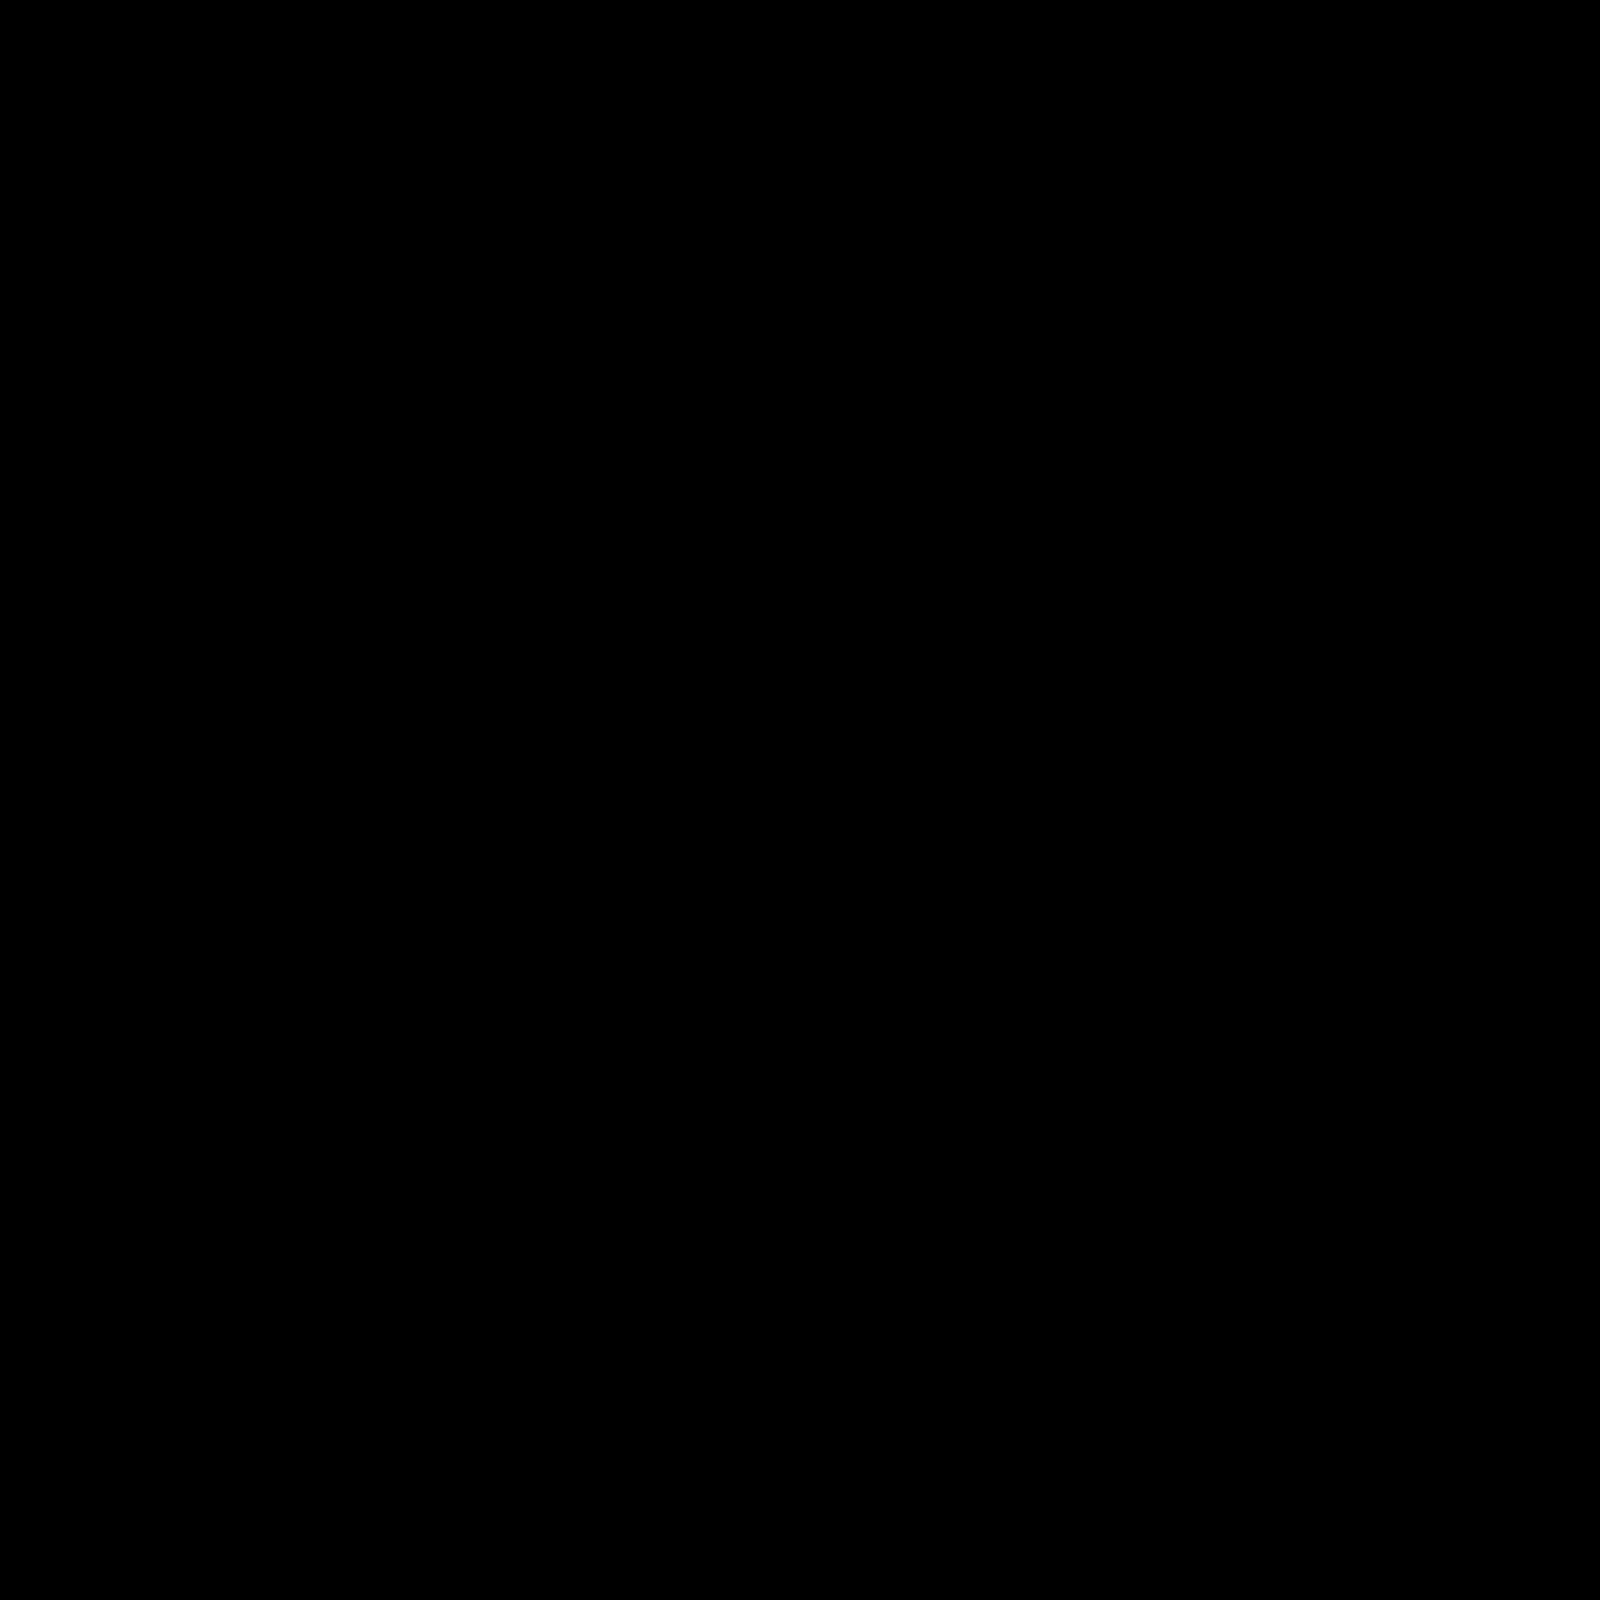 Compressore icon